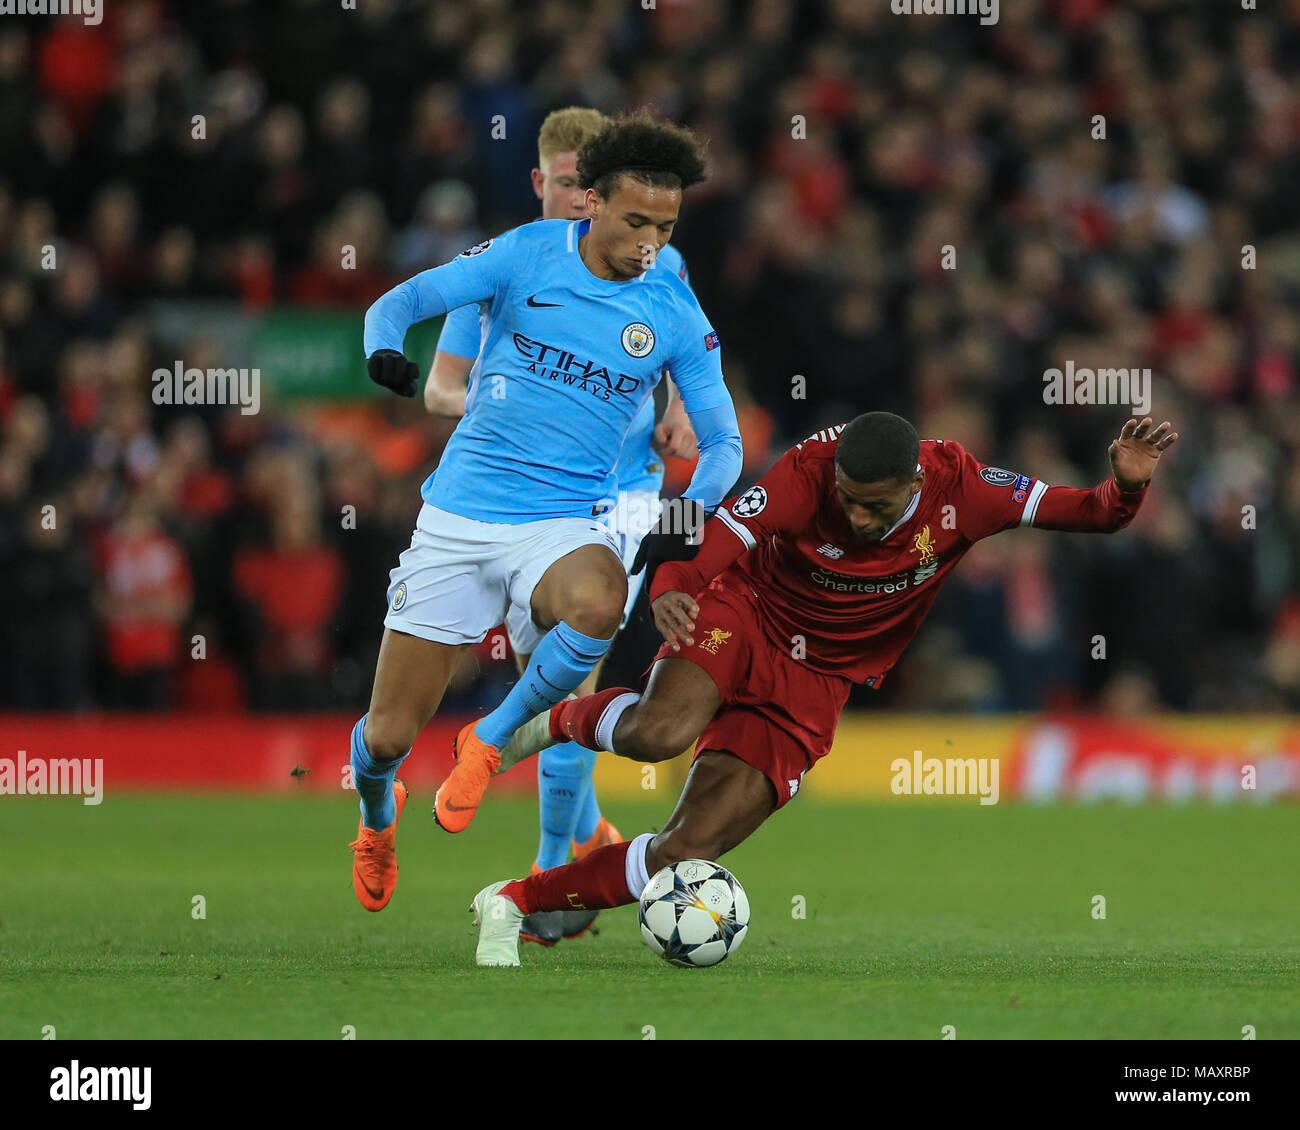 Champions League 4 Matchday Round Season 2018 2019: Leroy Sane Stock Photos & Leroy Sane Stock Images